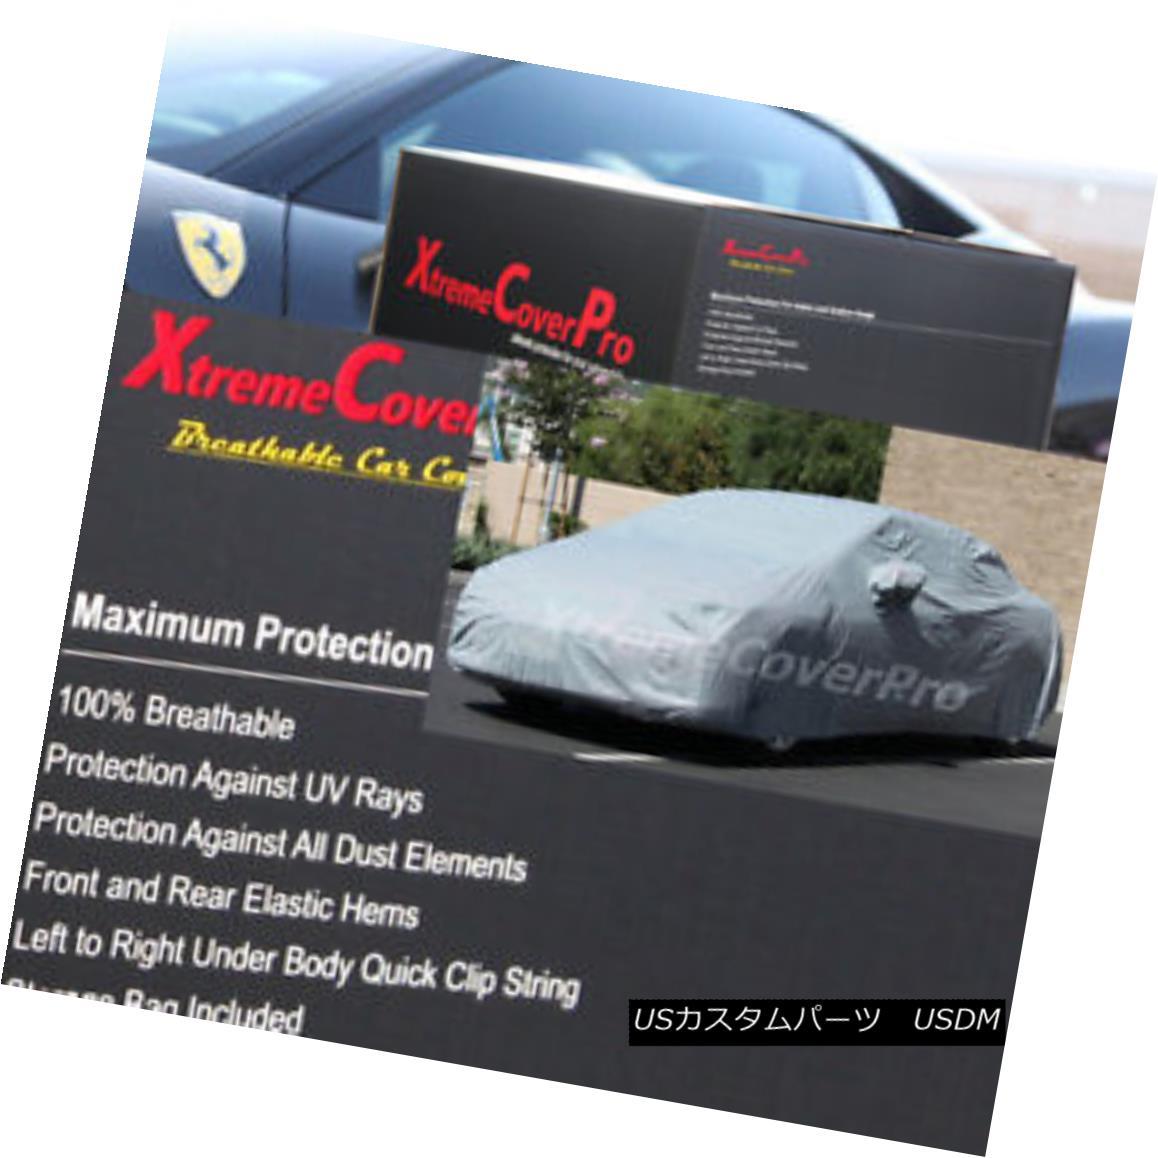 カーカバー 2002 2003 2004 2005 2006 2007 Suzuki Aerio Breathable Car Cover w/MirrorPocket 2002年2003年2004年2005年2006年2007年スズキアエリオ通気性カーカバー付き(MirrorPocket)